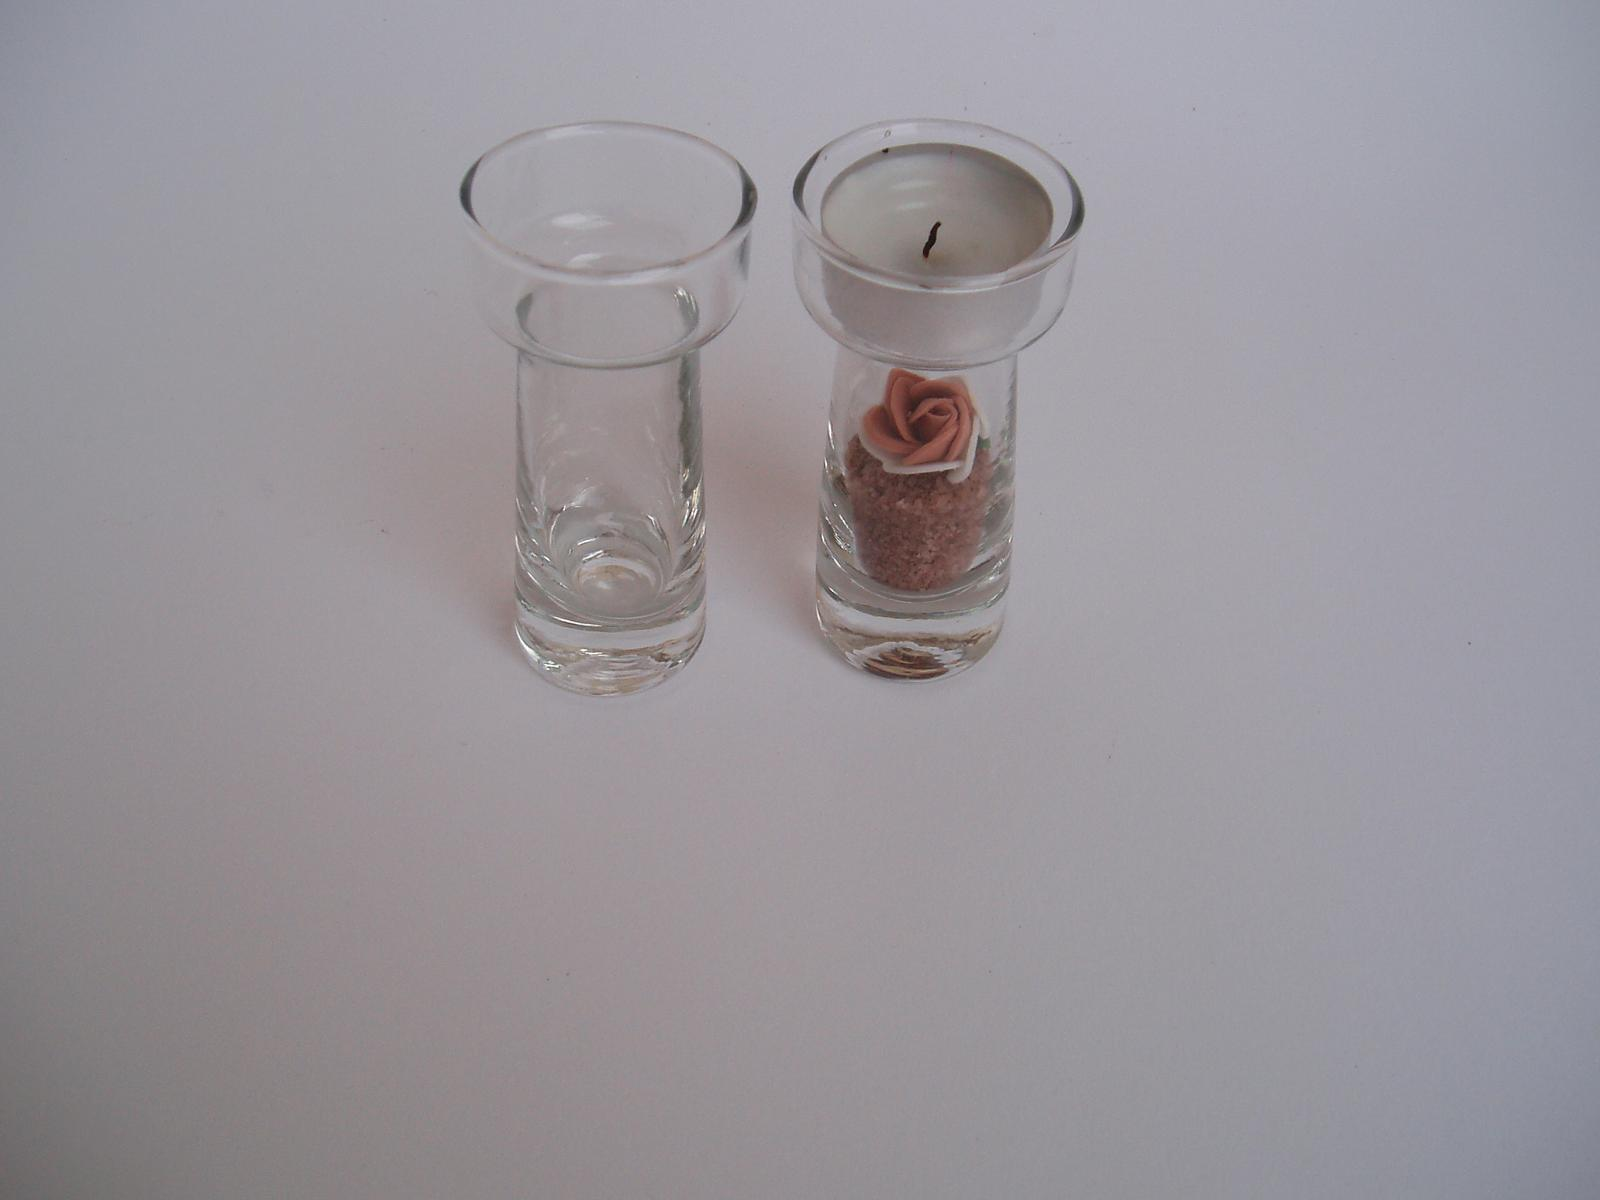 skleněný svícen - Obrázek č. 1